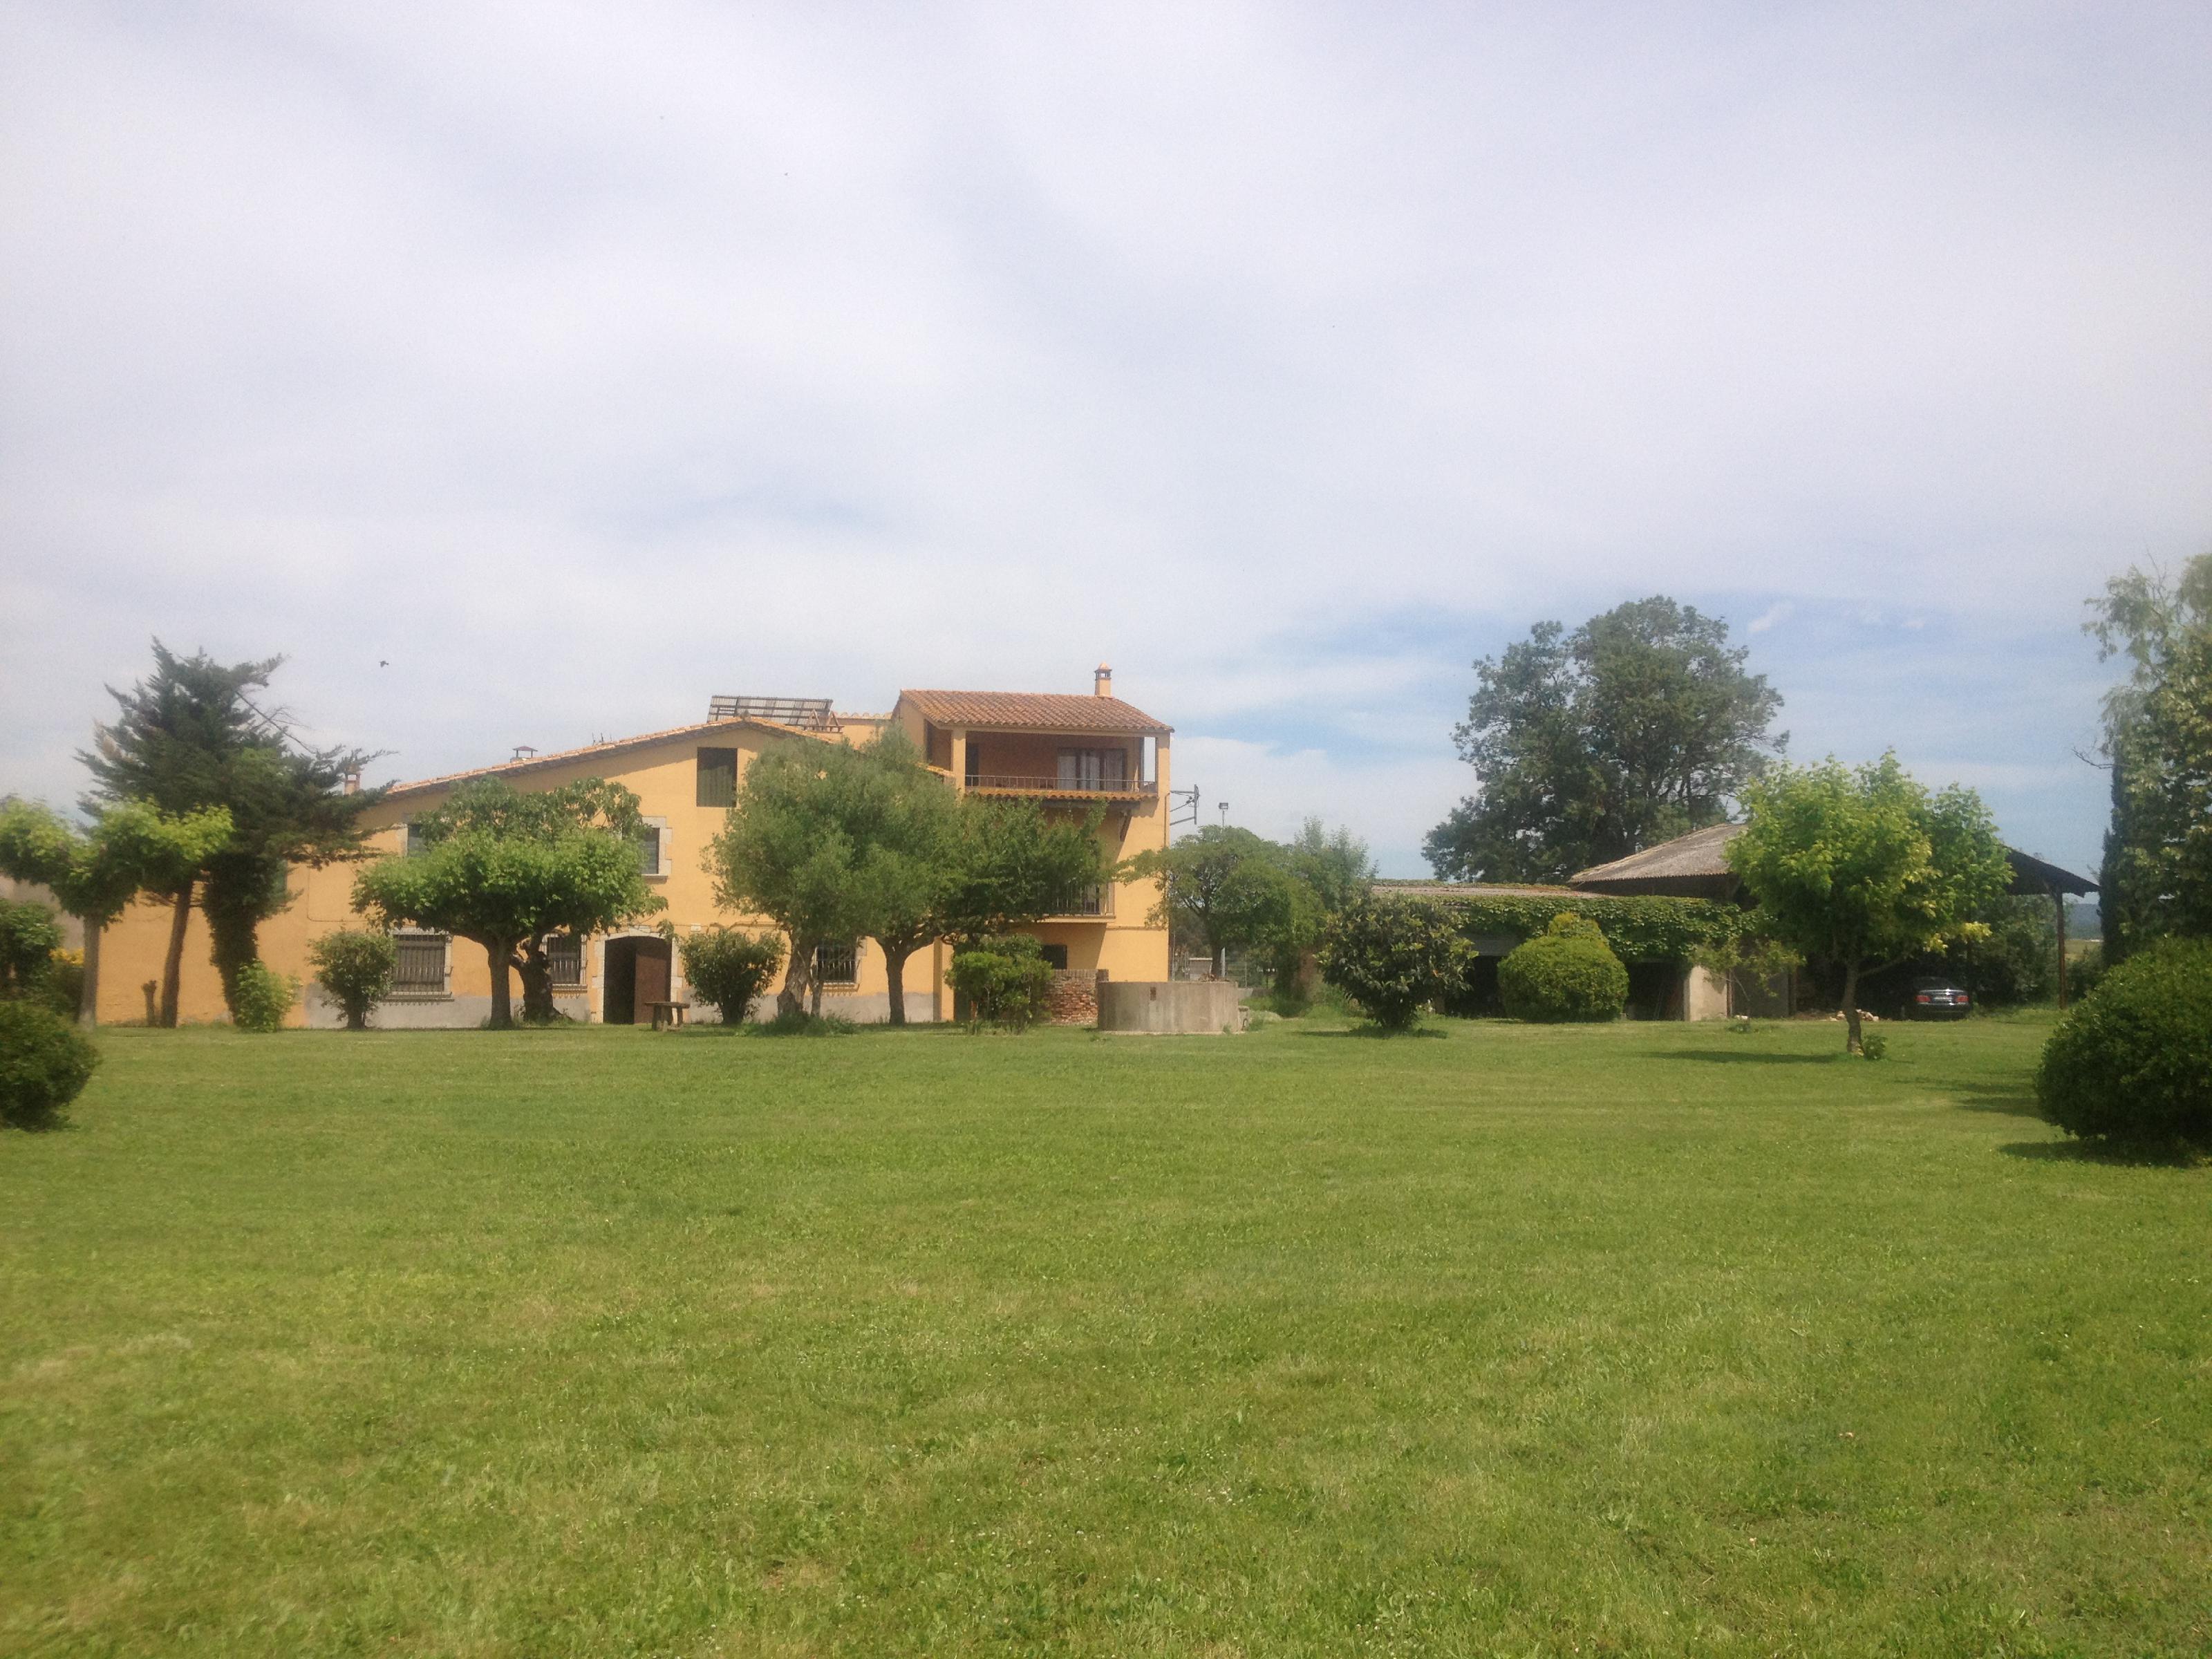 Imagen 2 Casa Rústica en venta en Cassà De La Selva / Masia totalment reformada a Cassa de la Selva.